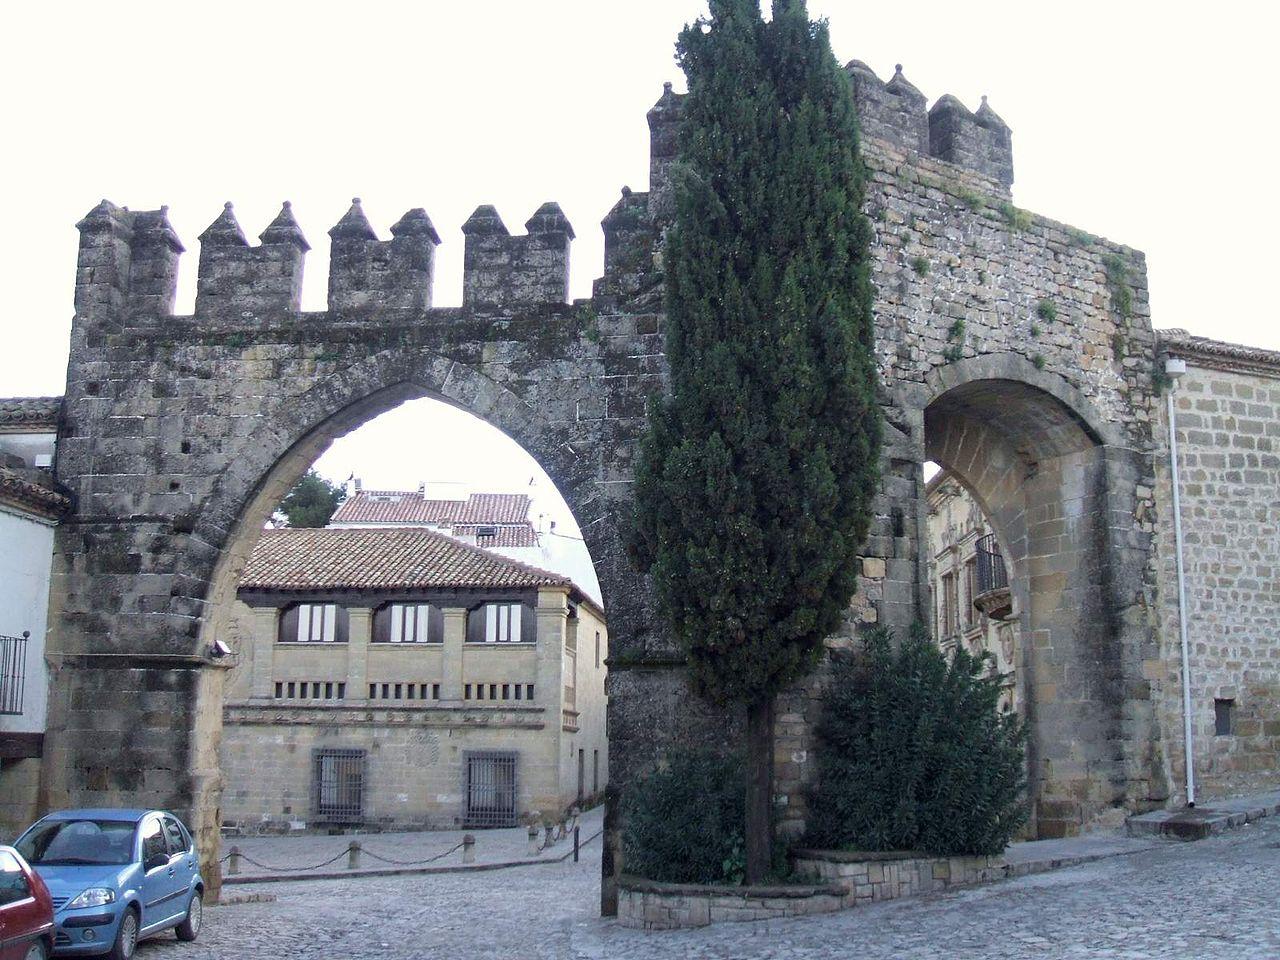 Puerta arco valla jard n il meglio del design degli interni for Arco decorativo jardin